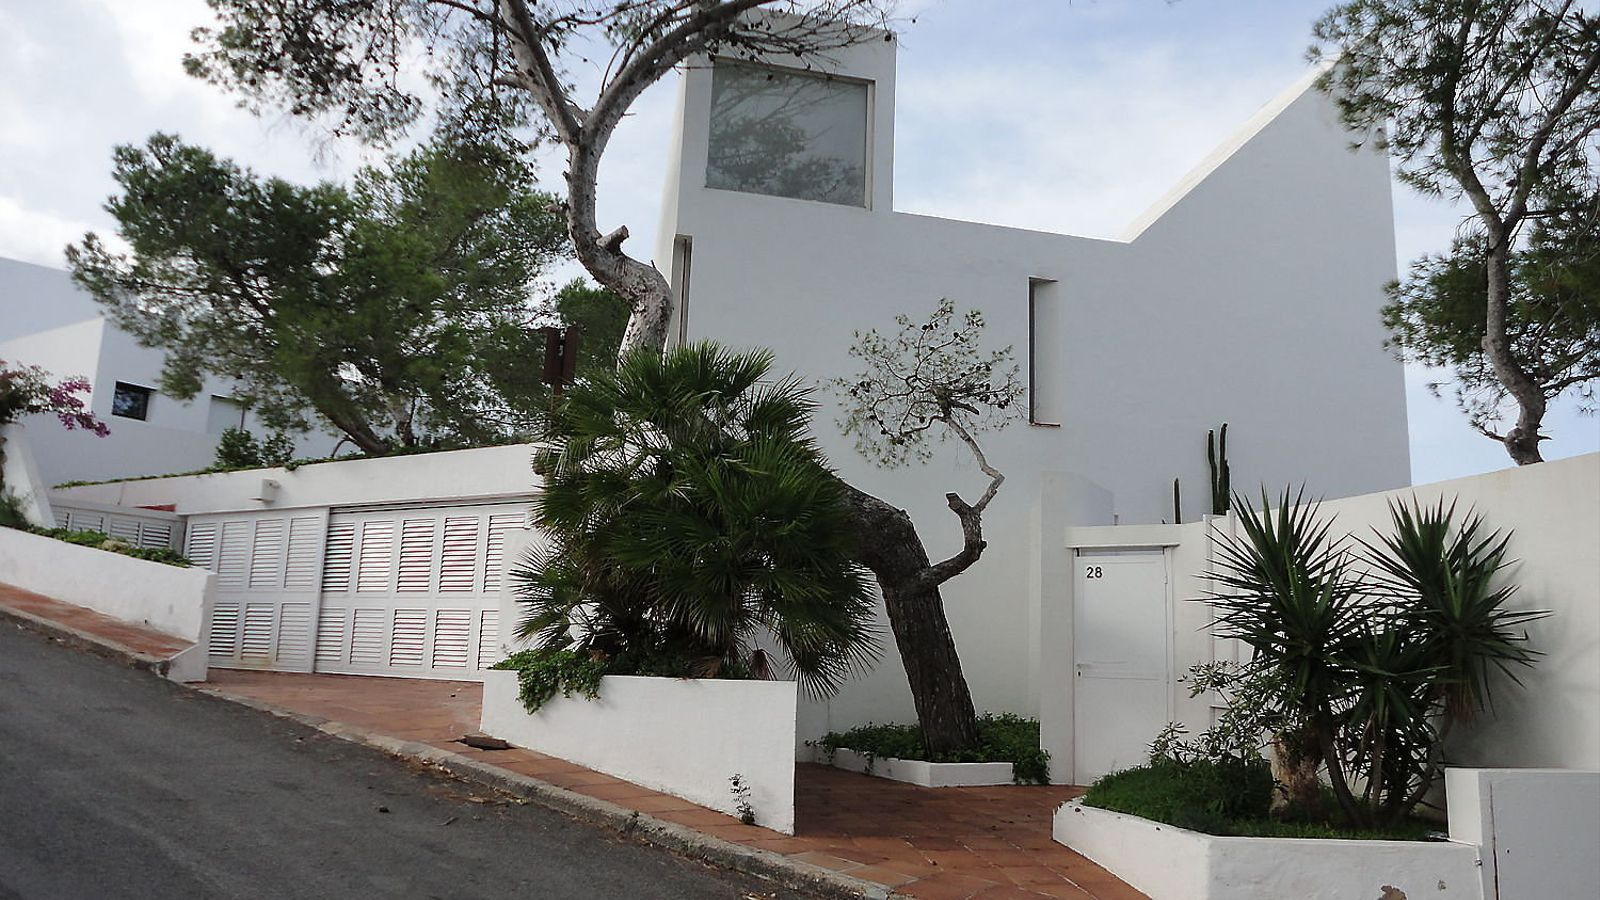 La demolició de la Casa Van der Driesche podria ser imminent